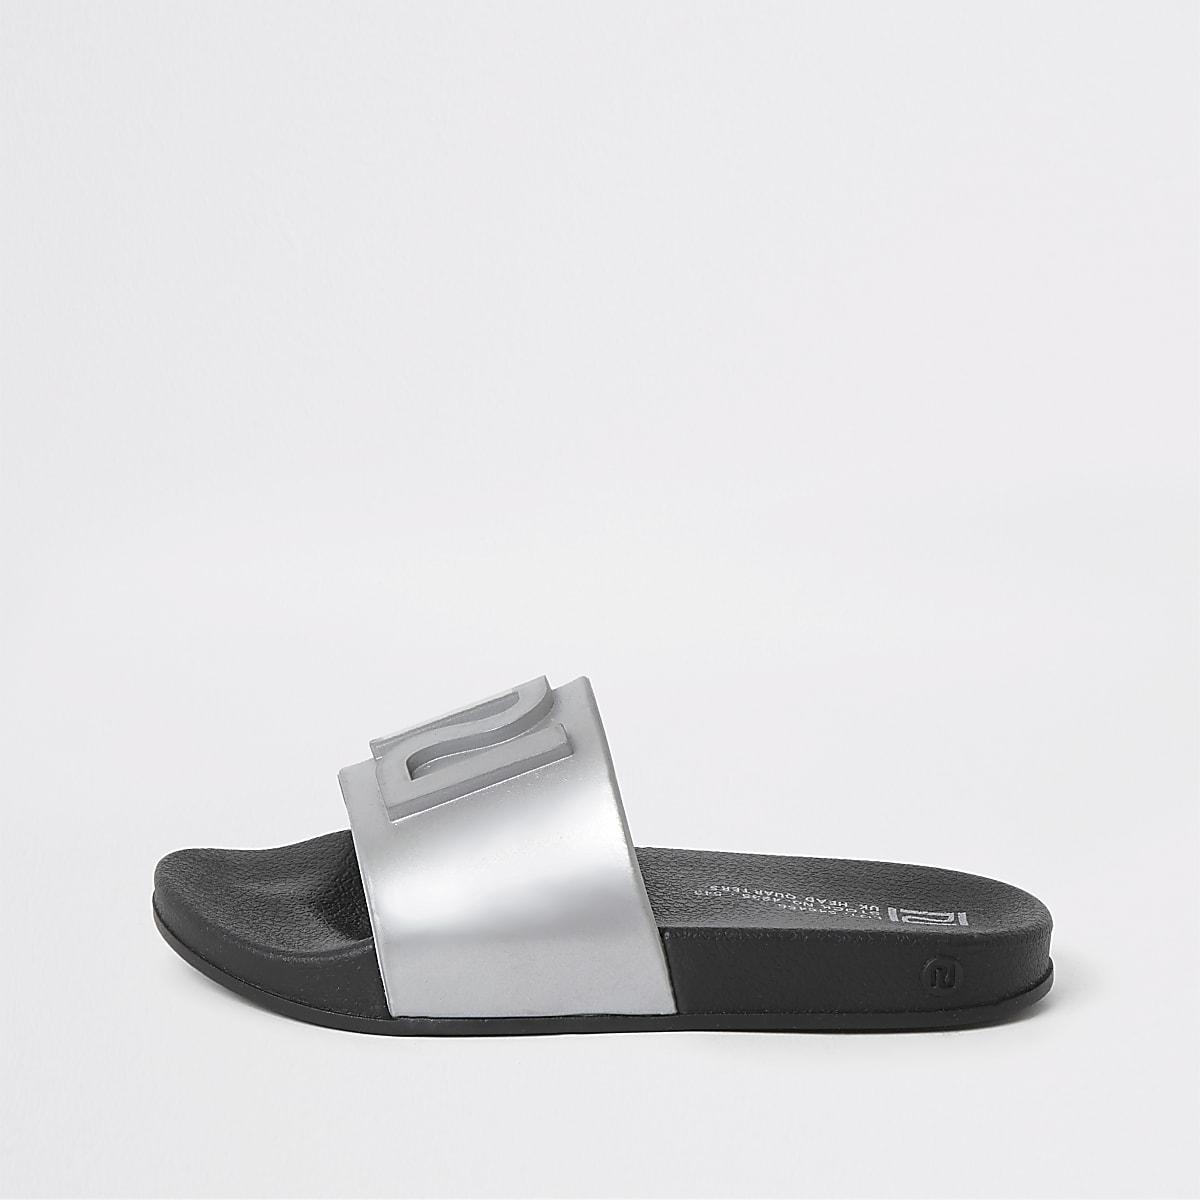 Zilverkleurige jelly slippers met RI-logo voor kinderen